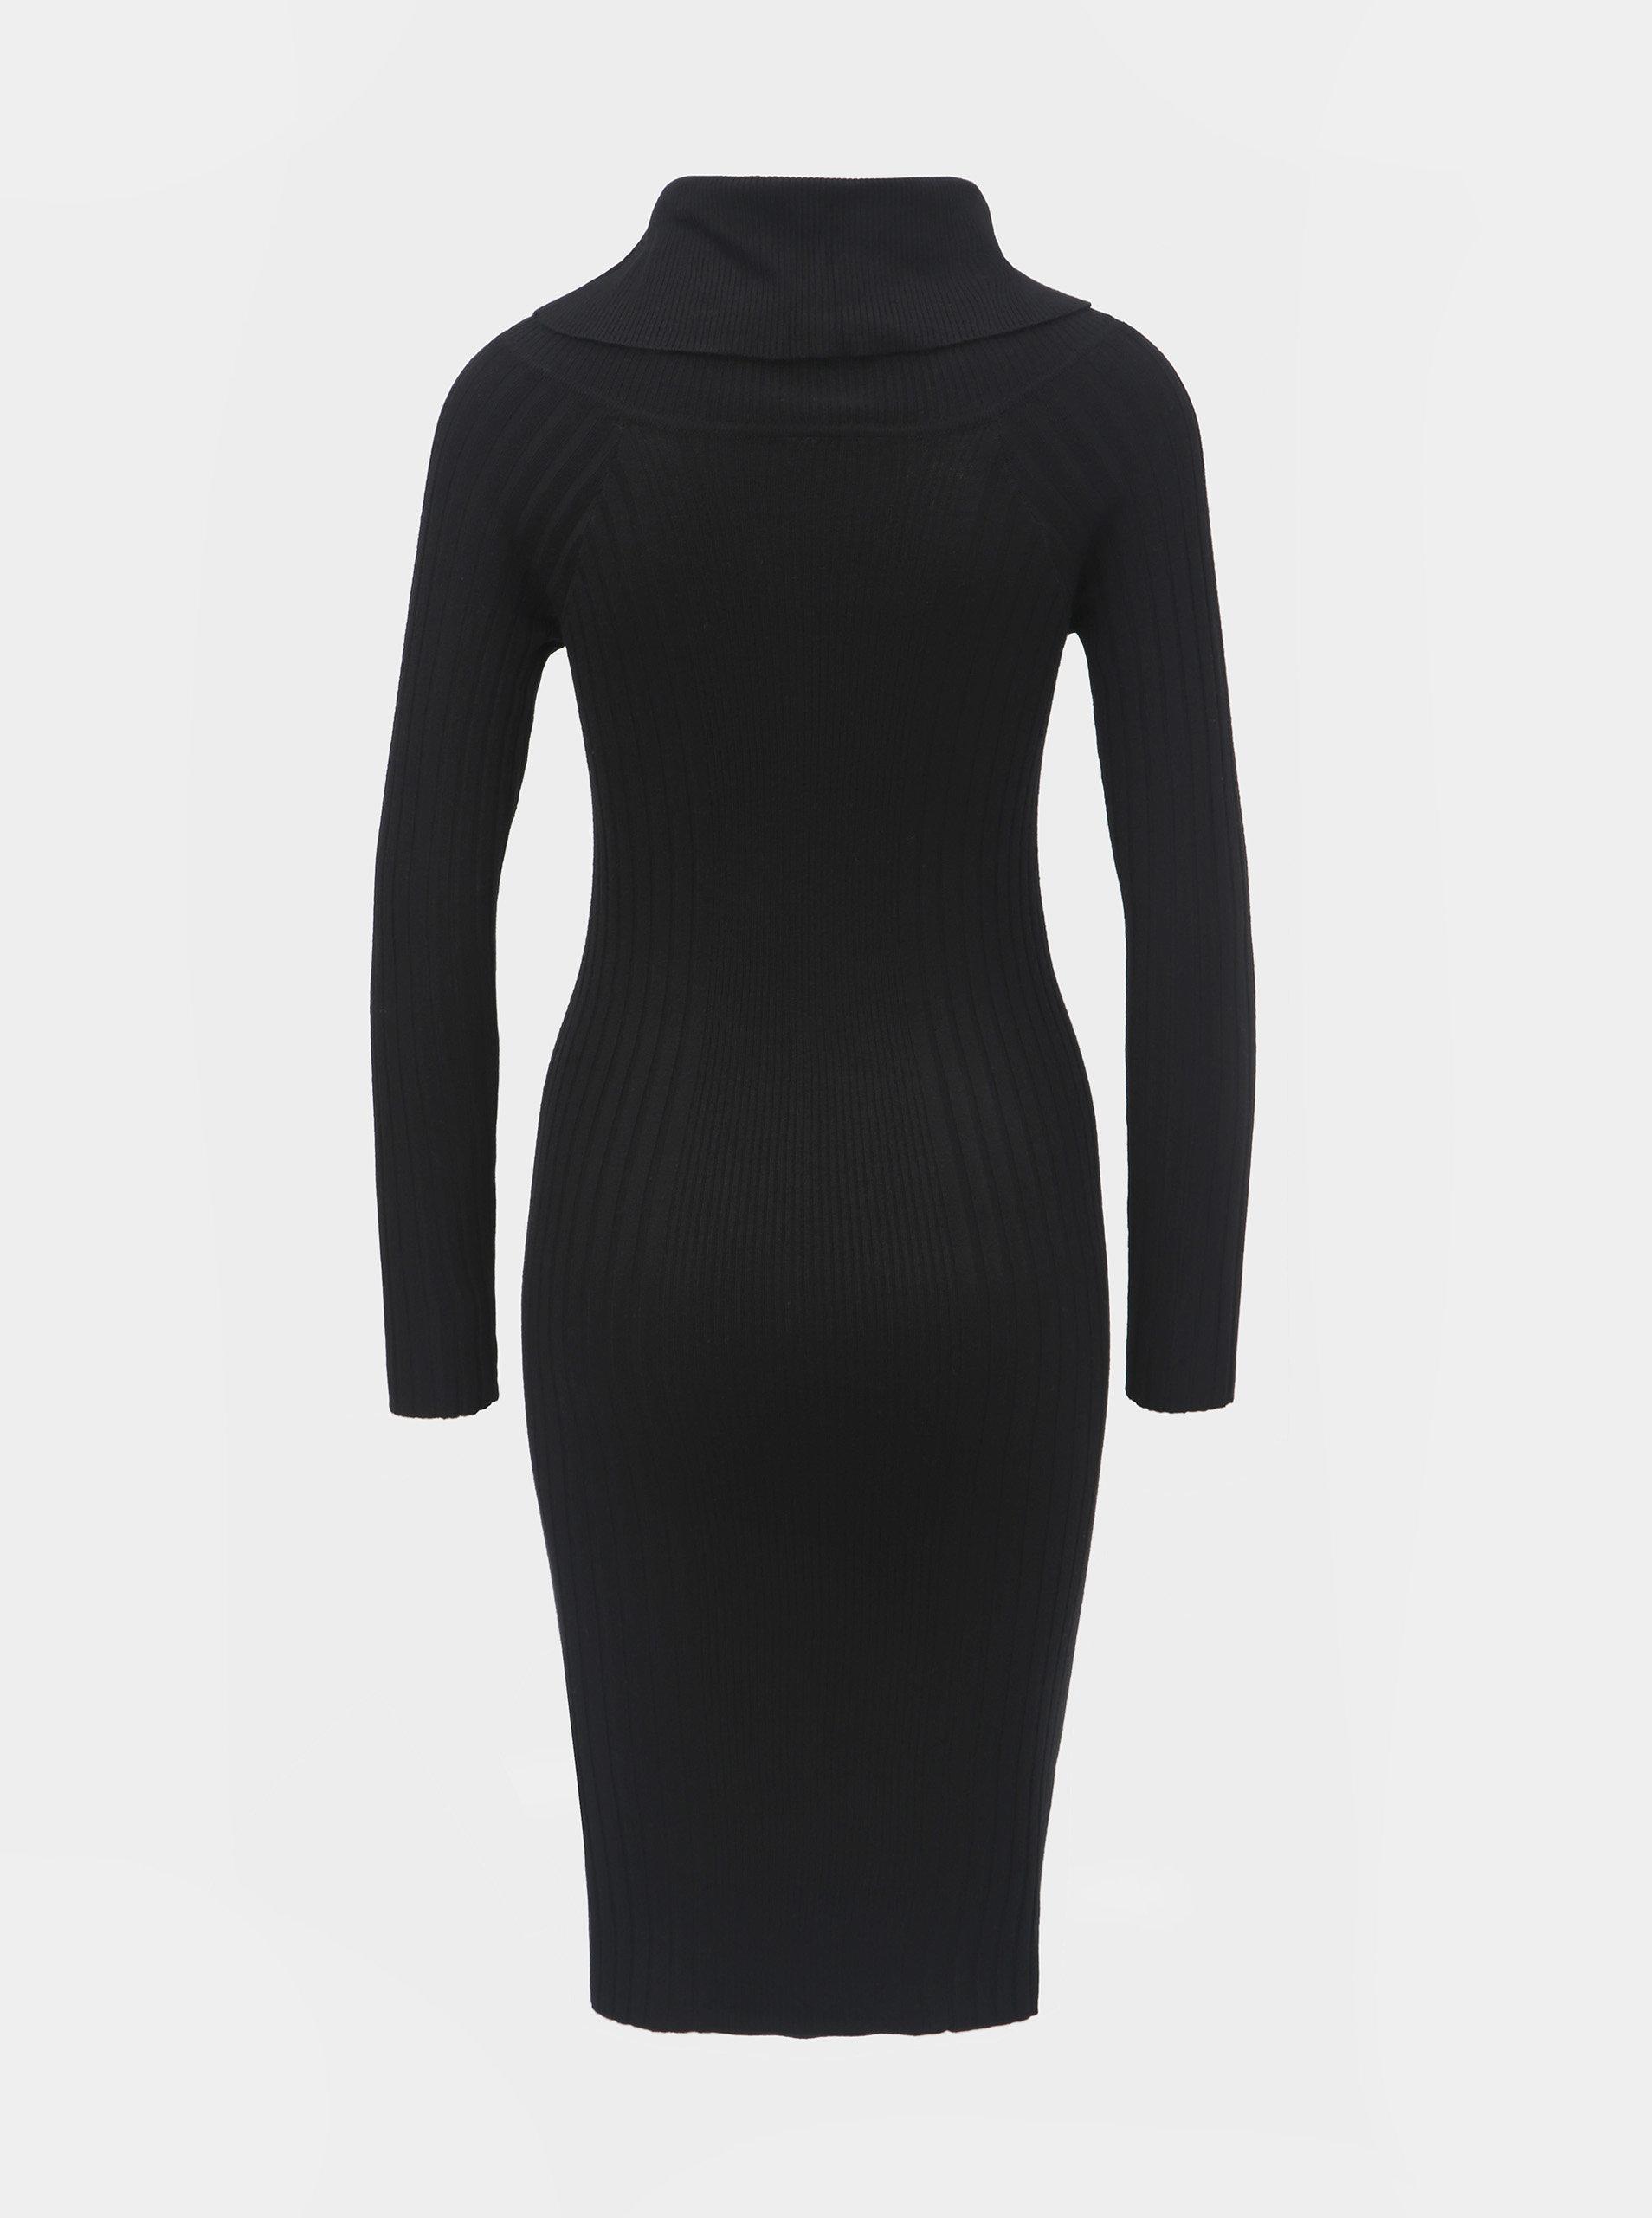 edd80aa3d027 Černé pouzdrové svetrové šaty s límcem a dlouhým rukávem Noisy May Vicki ...